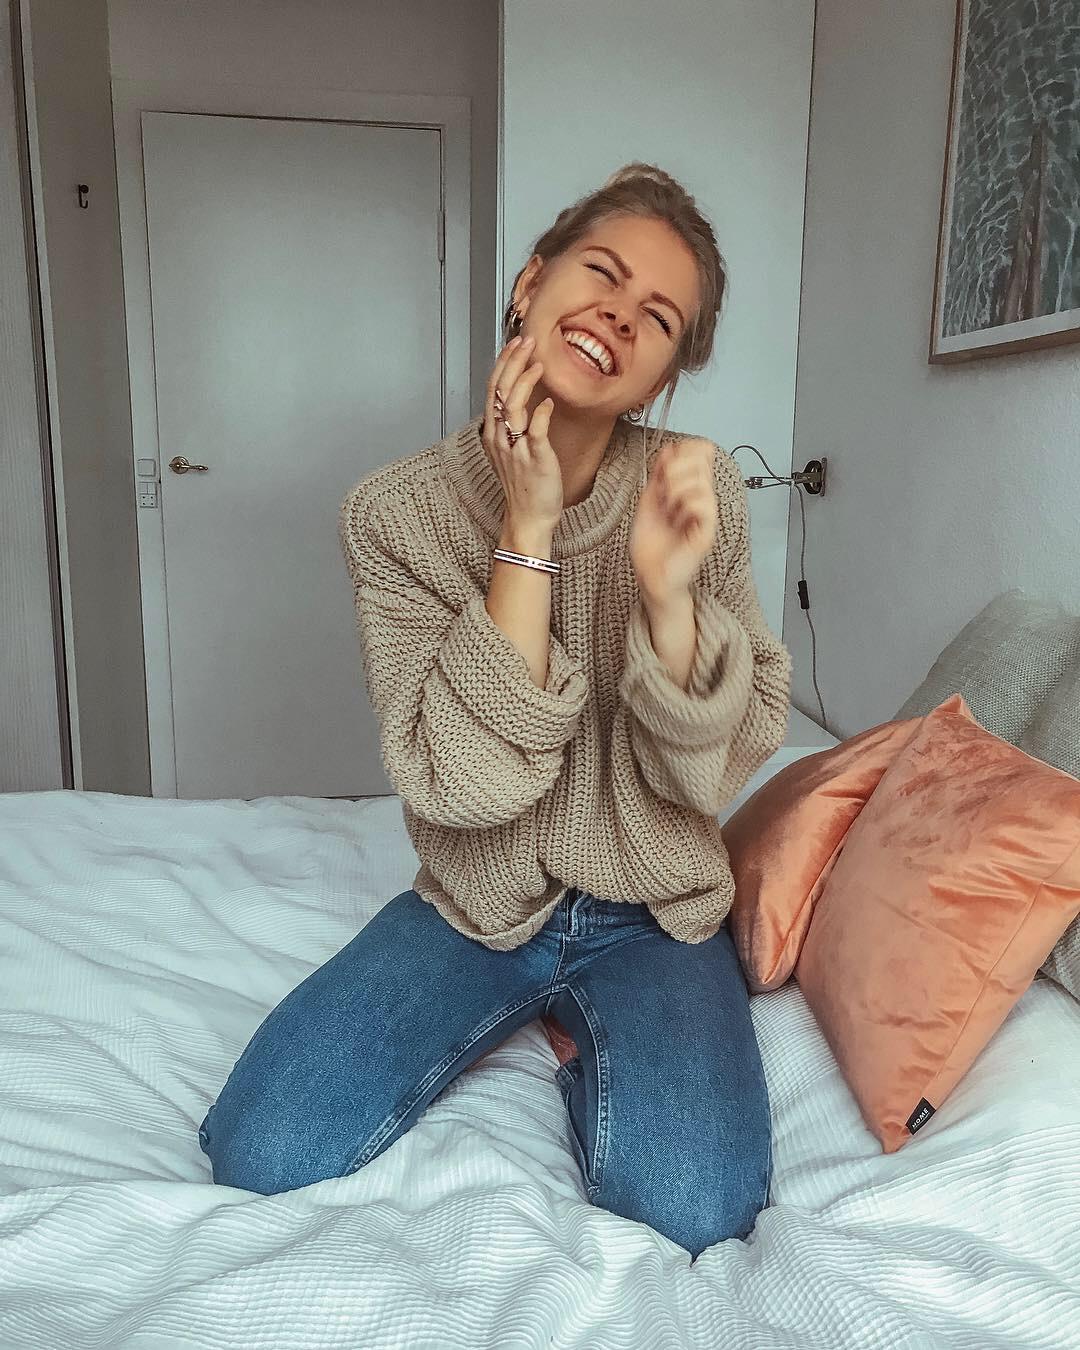 Billede af en kvinde, der er glad.